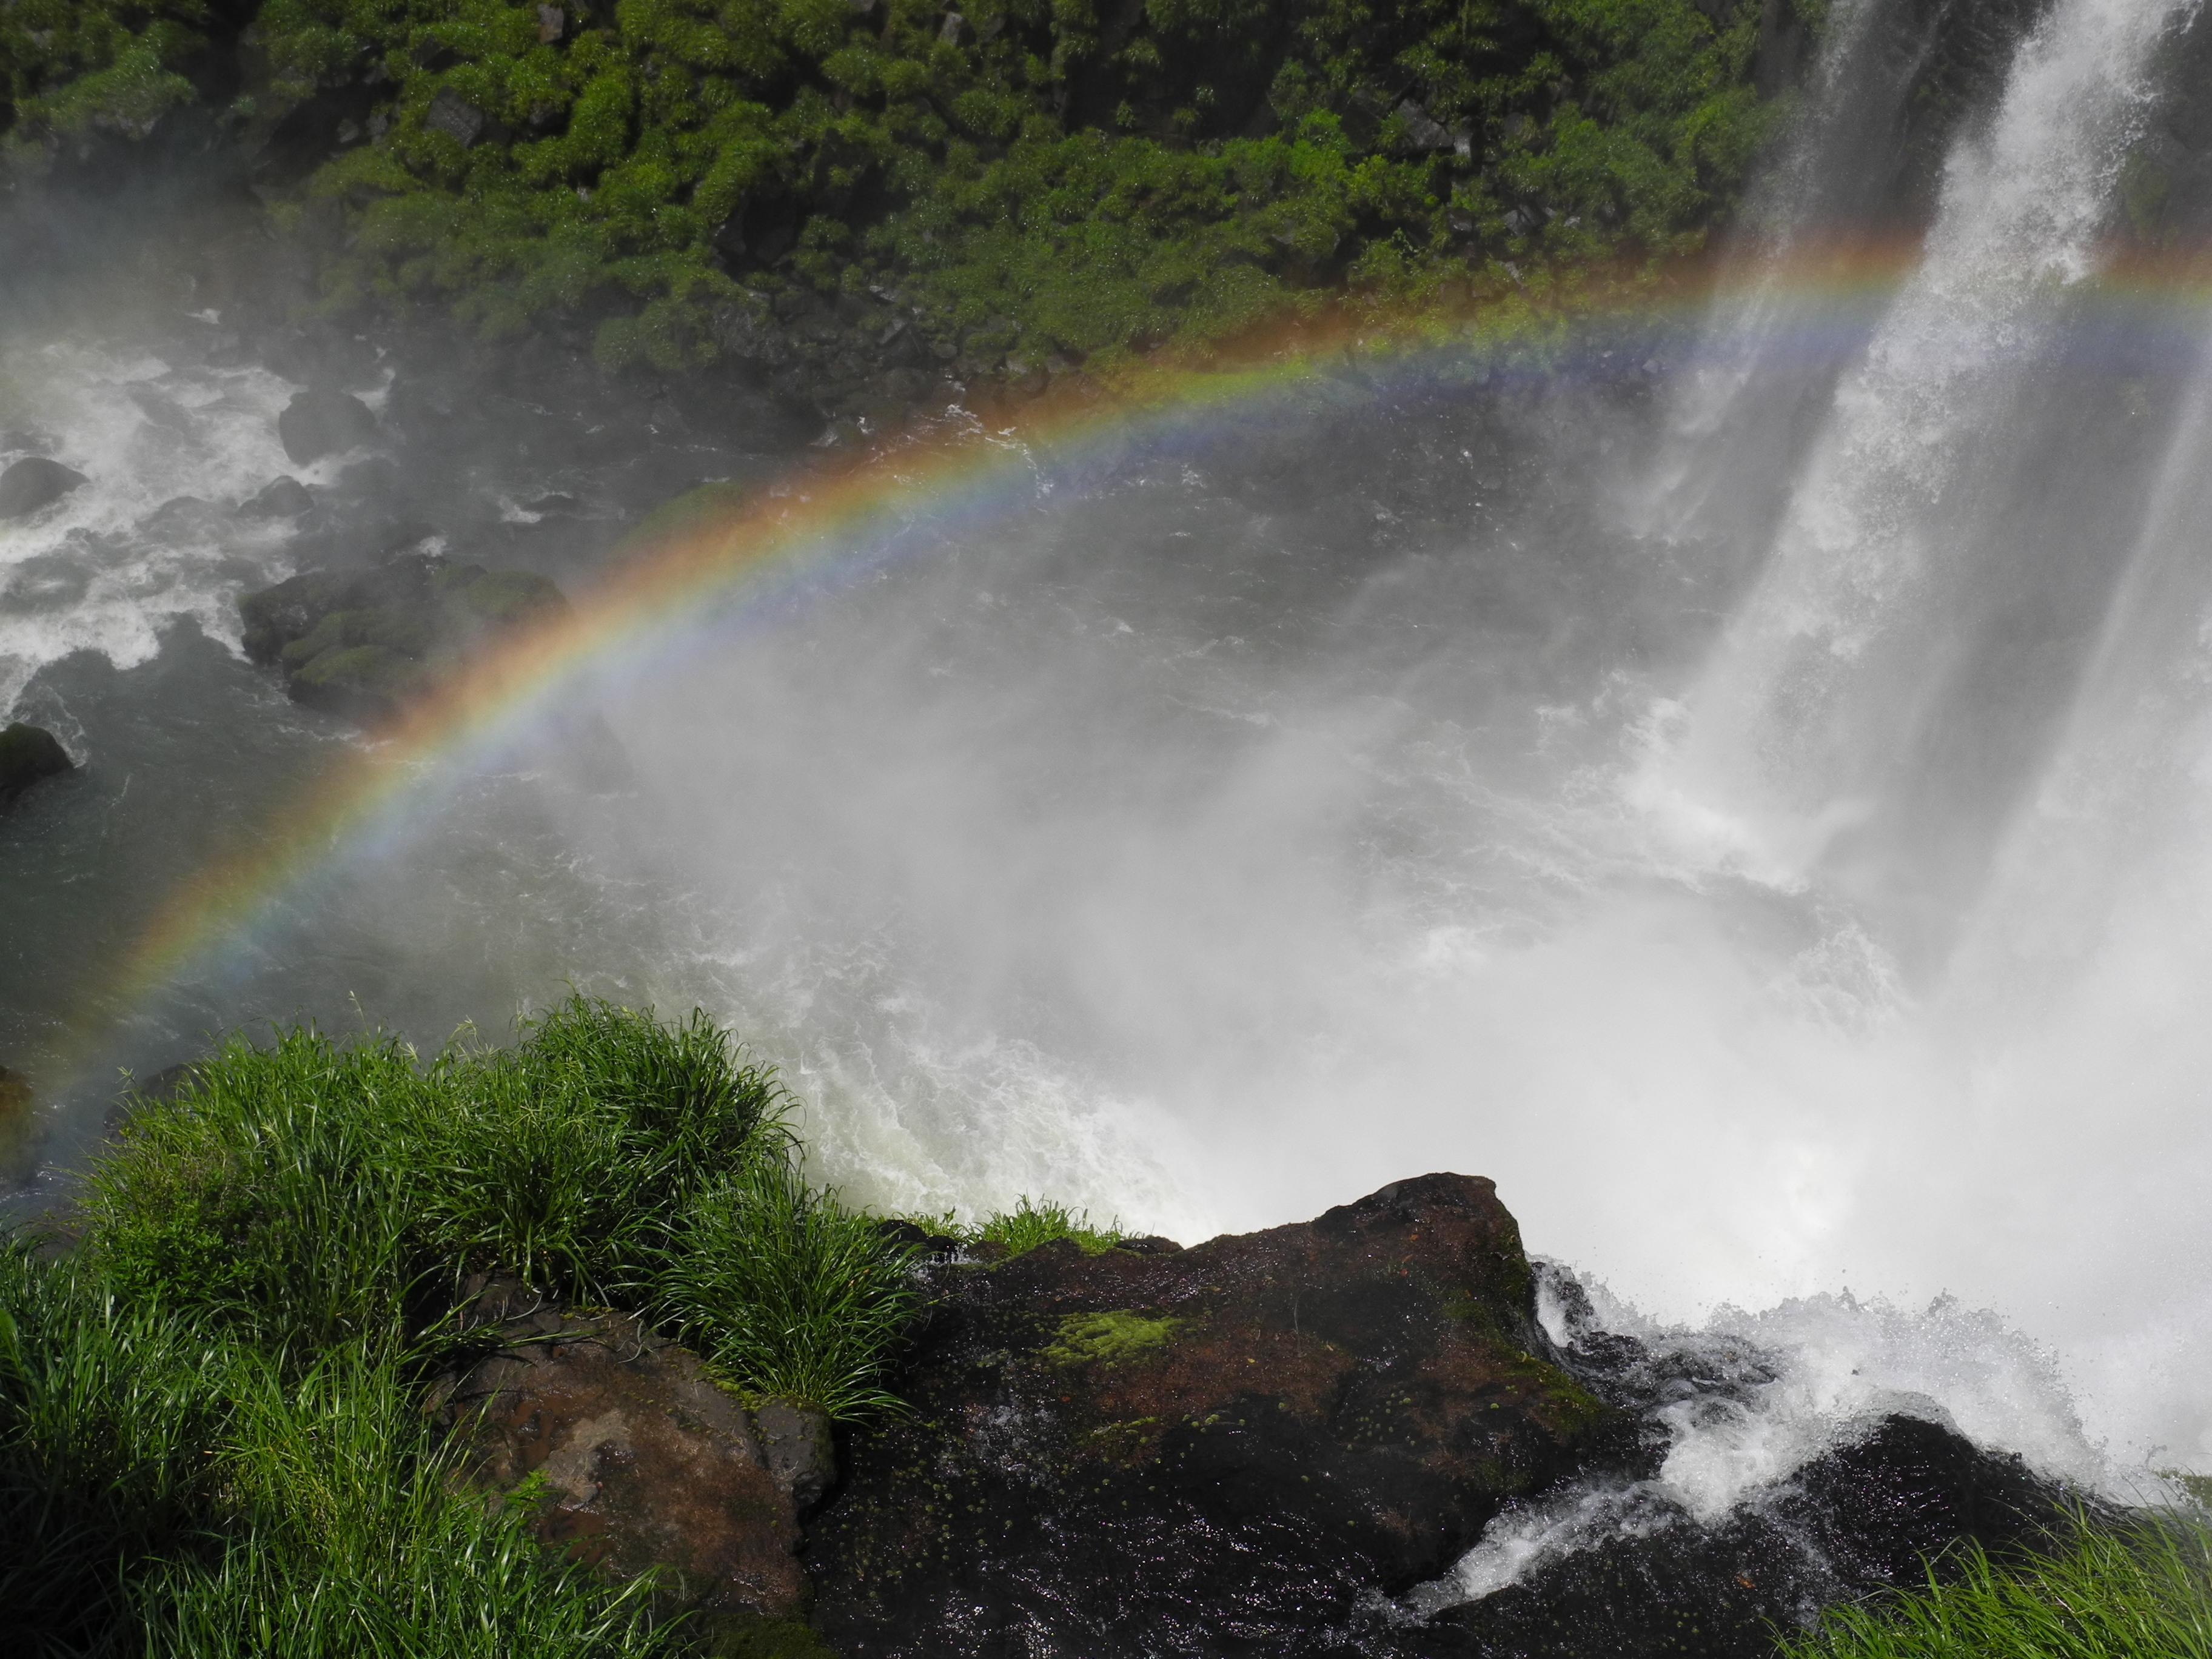 Foto cataratas del Iguazú 10 -arco iris